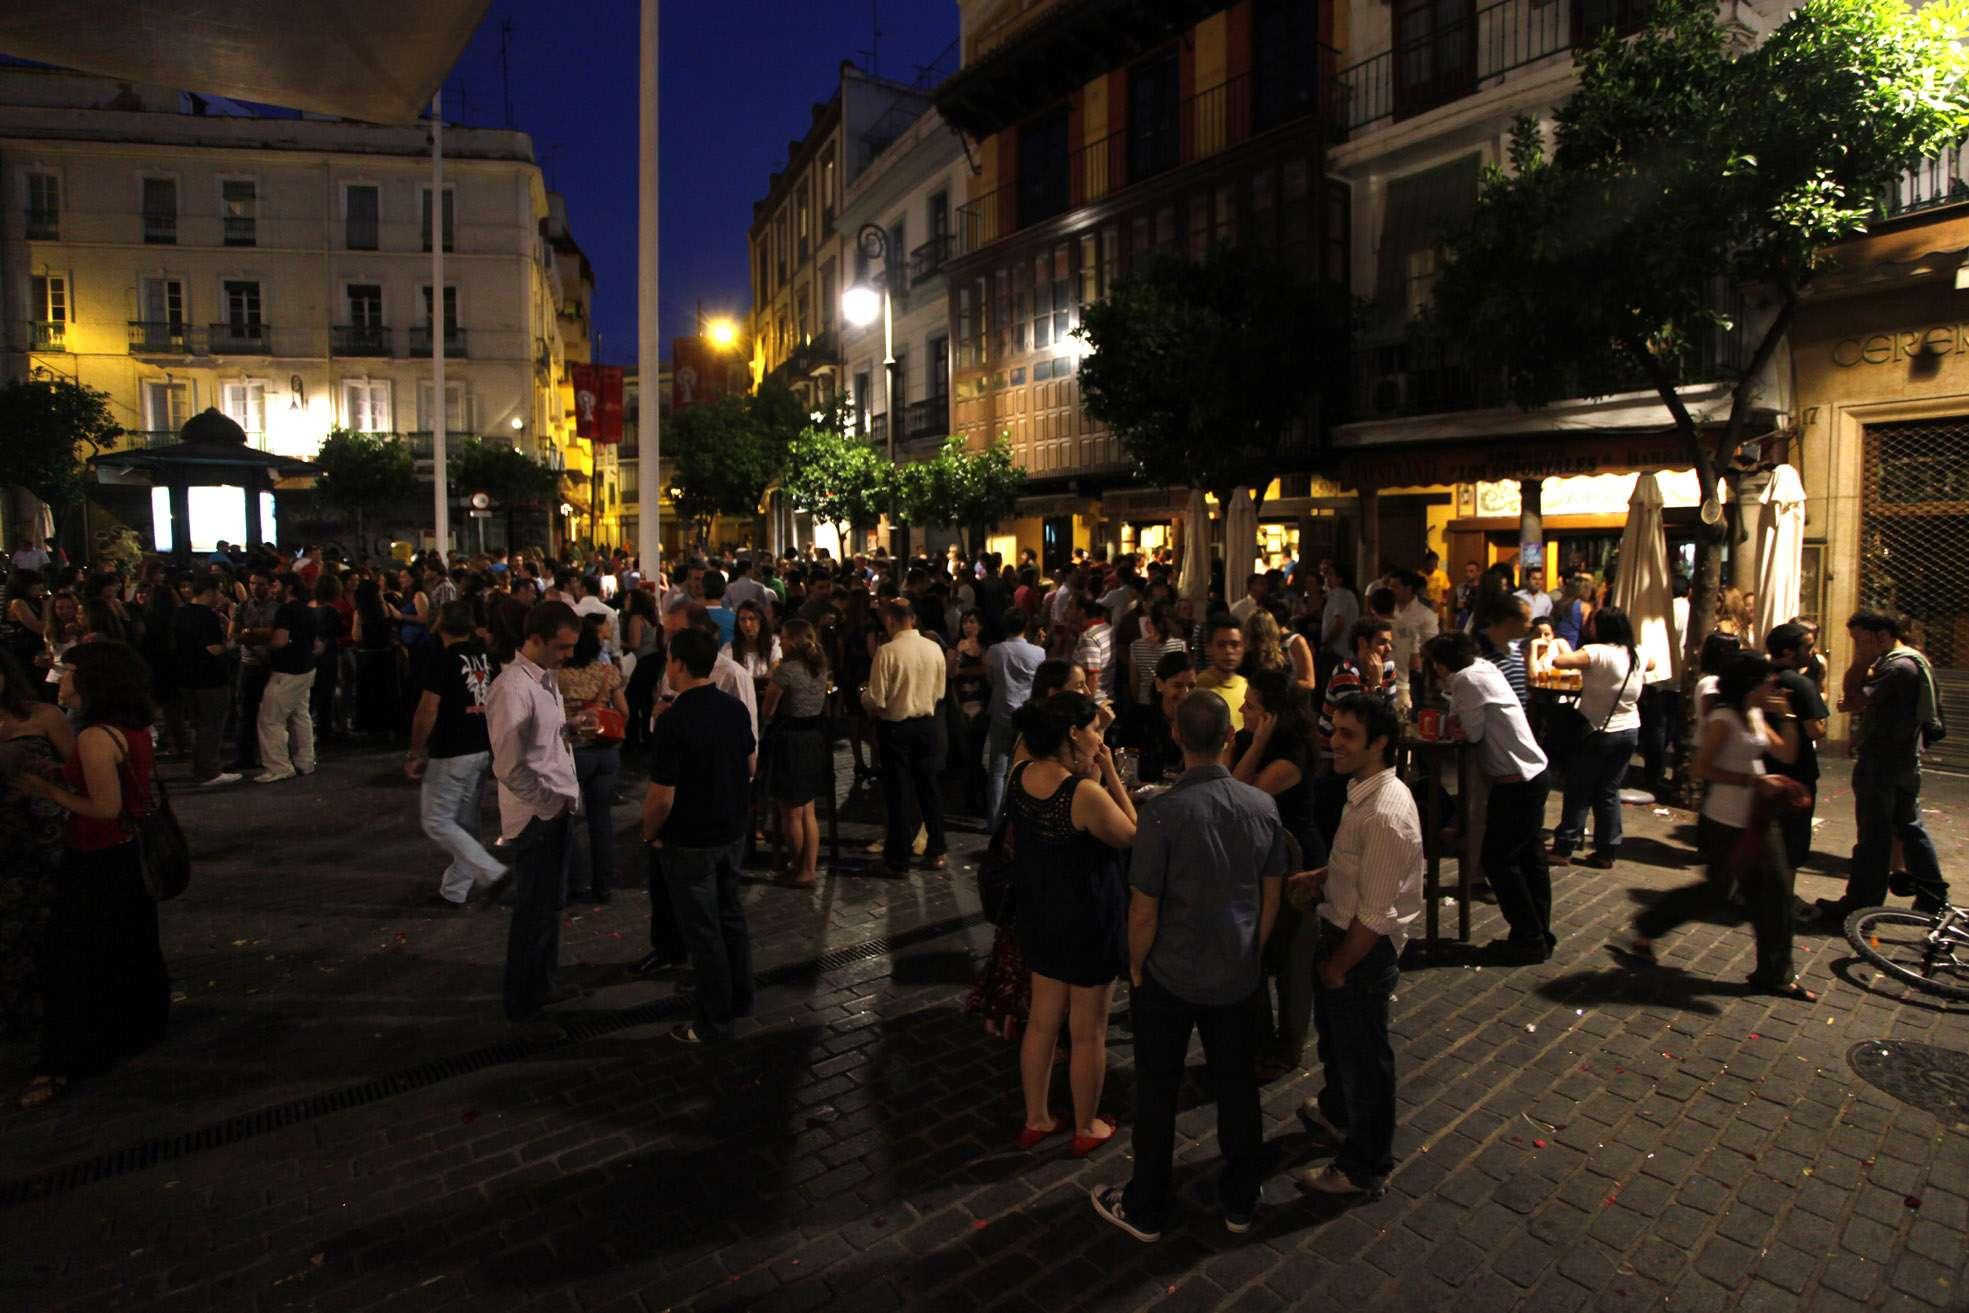 costumbres españolas que sorprenden a los turistas